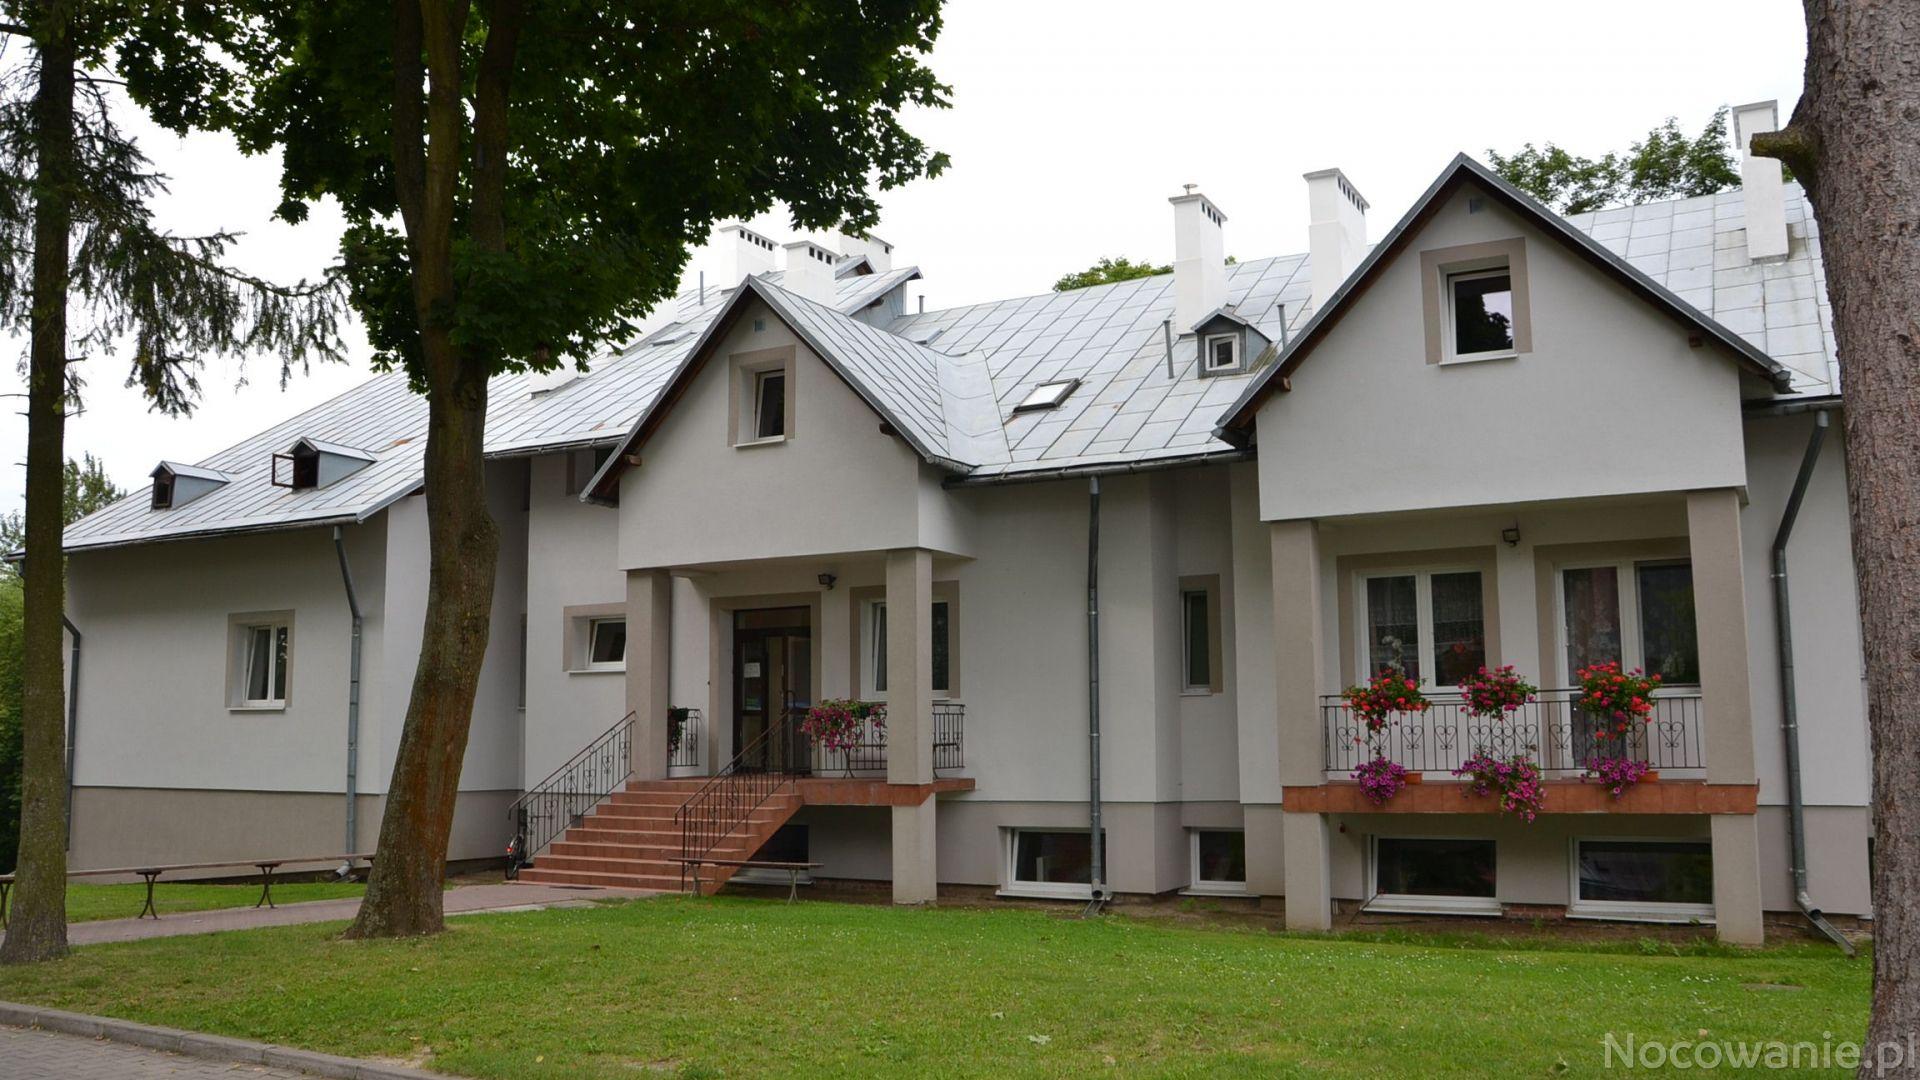 Domu Pielgrzyma przy Sanktuarium ze strony: https://www.nocowanie.pl/noclegi/naleczow/pensjonaty/23563/